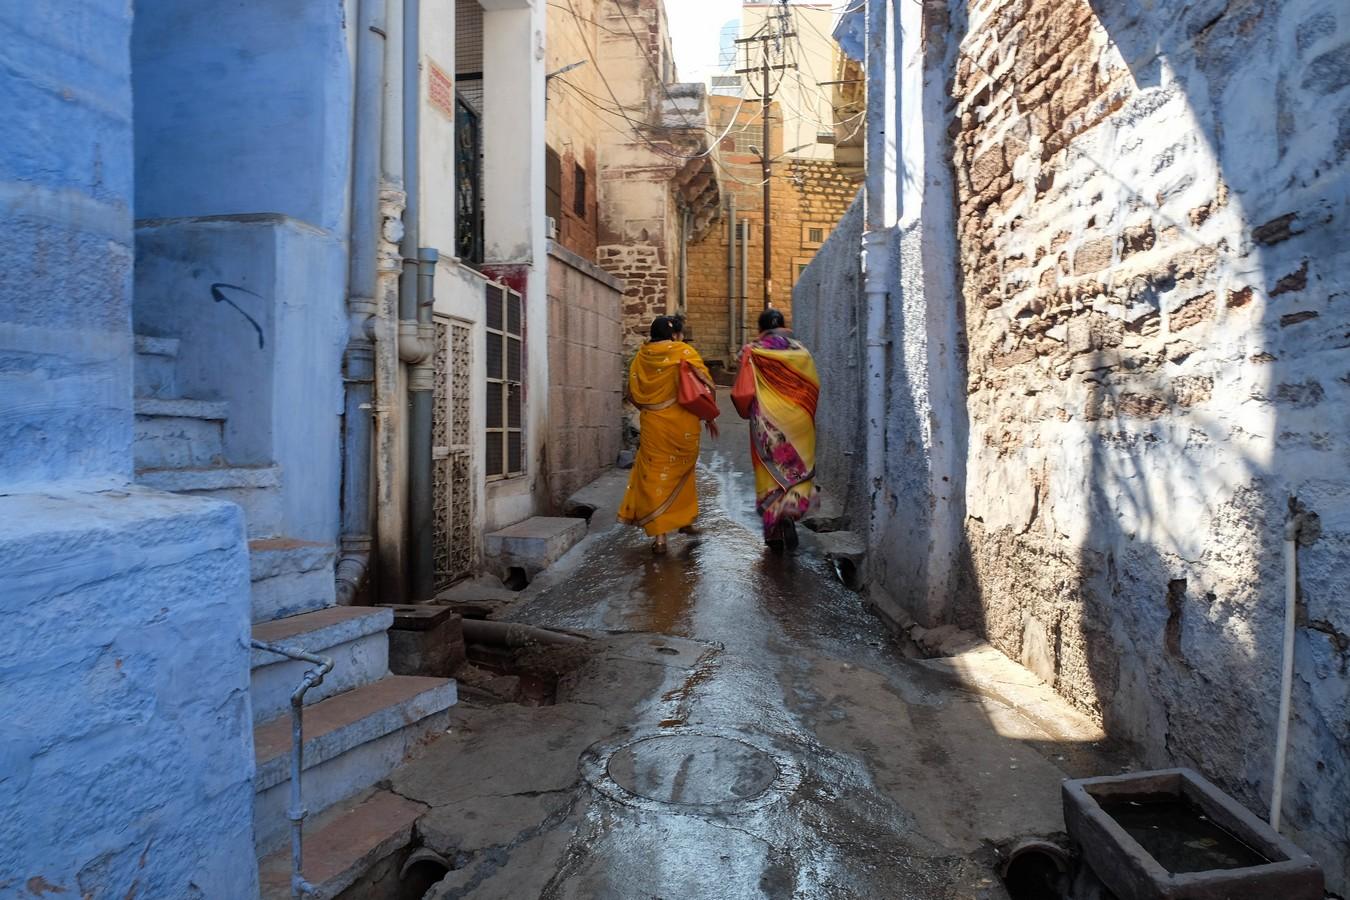 Deux femmes en Sari dans les rues bleues de Jodhpur